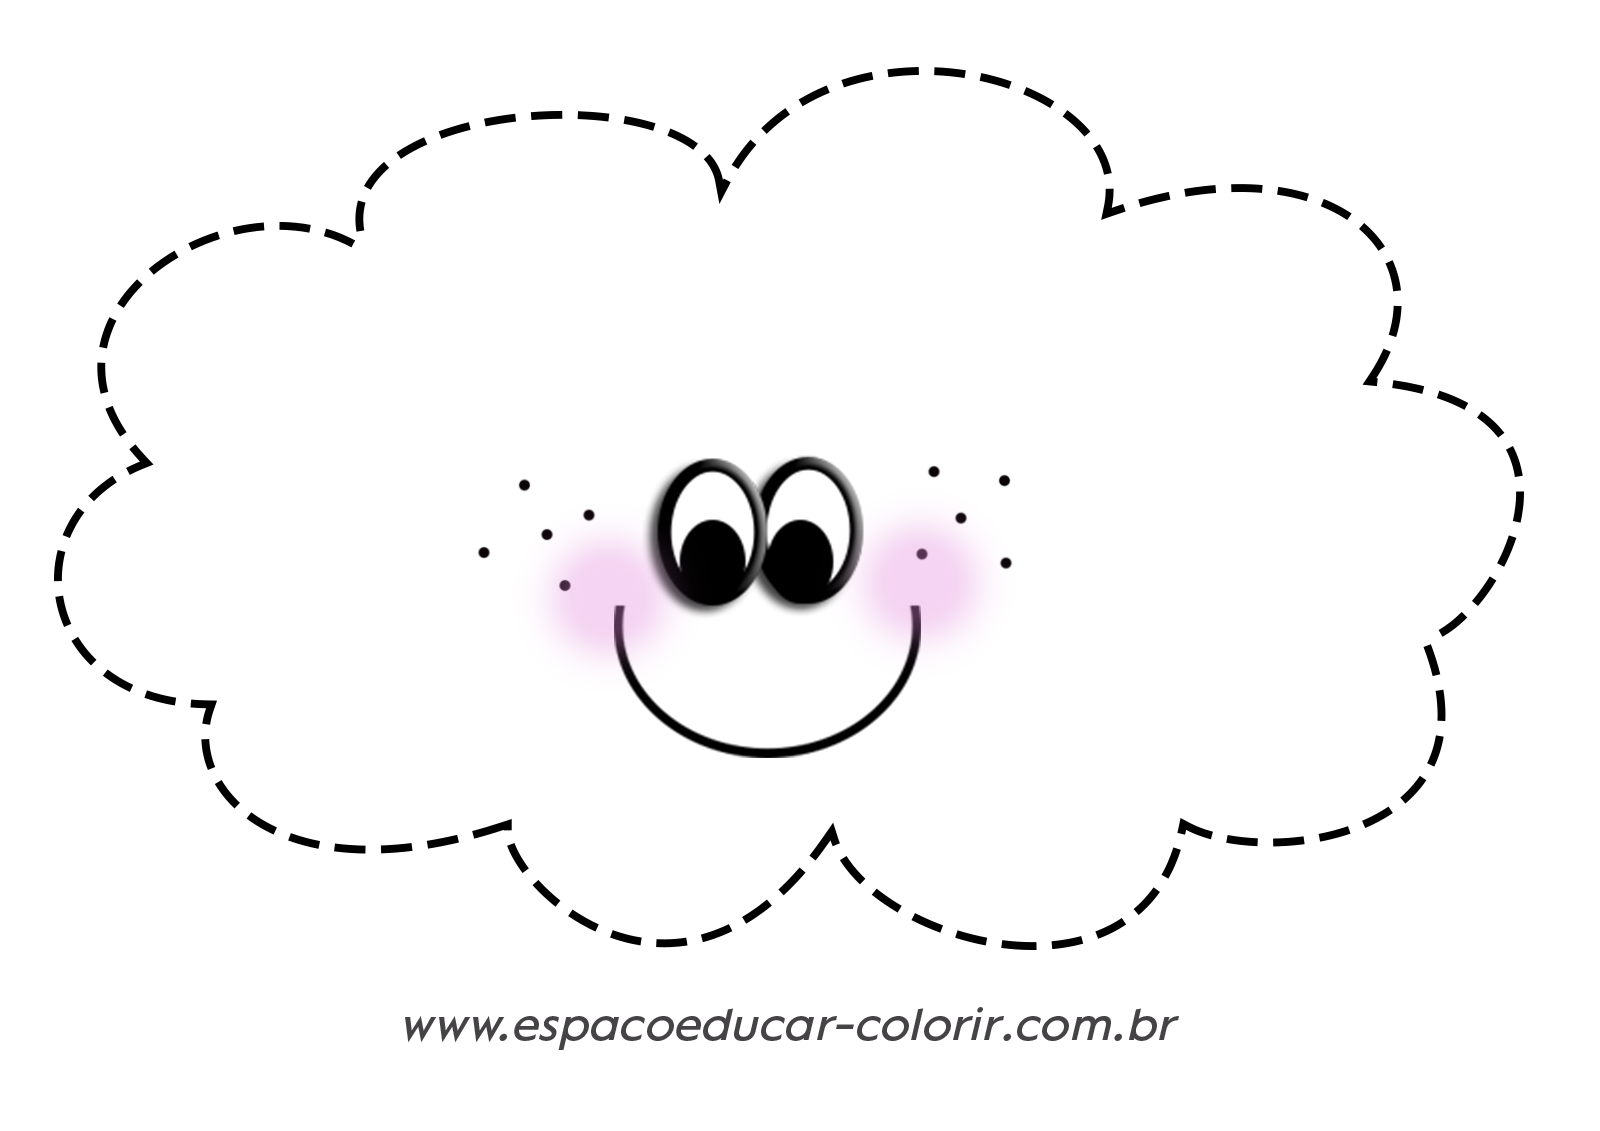 Desenhos Pontilhados Coordenacao Motora Nuvem E Coracao Em Png